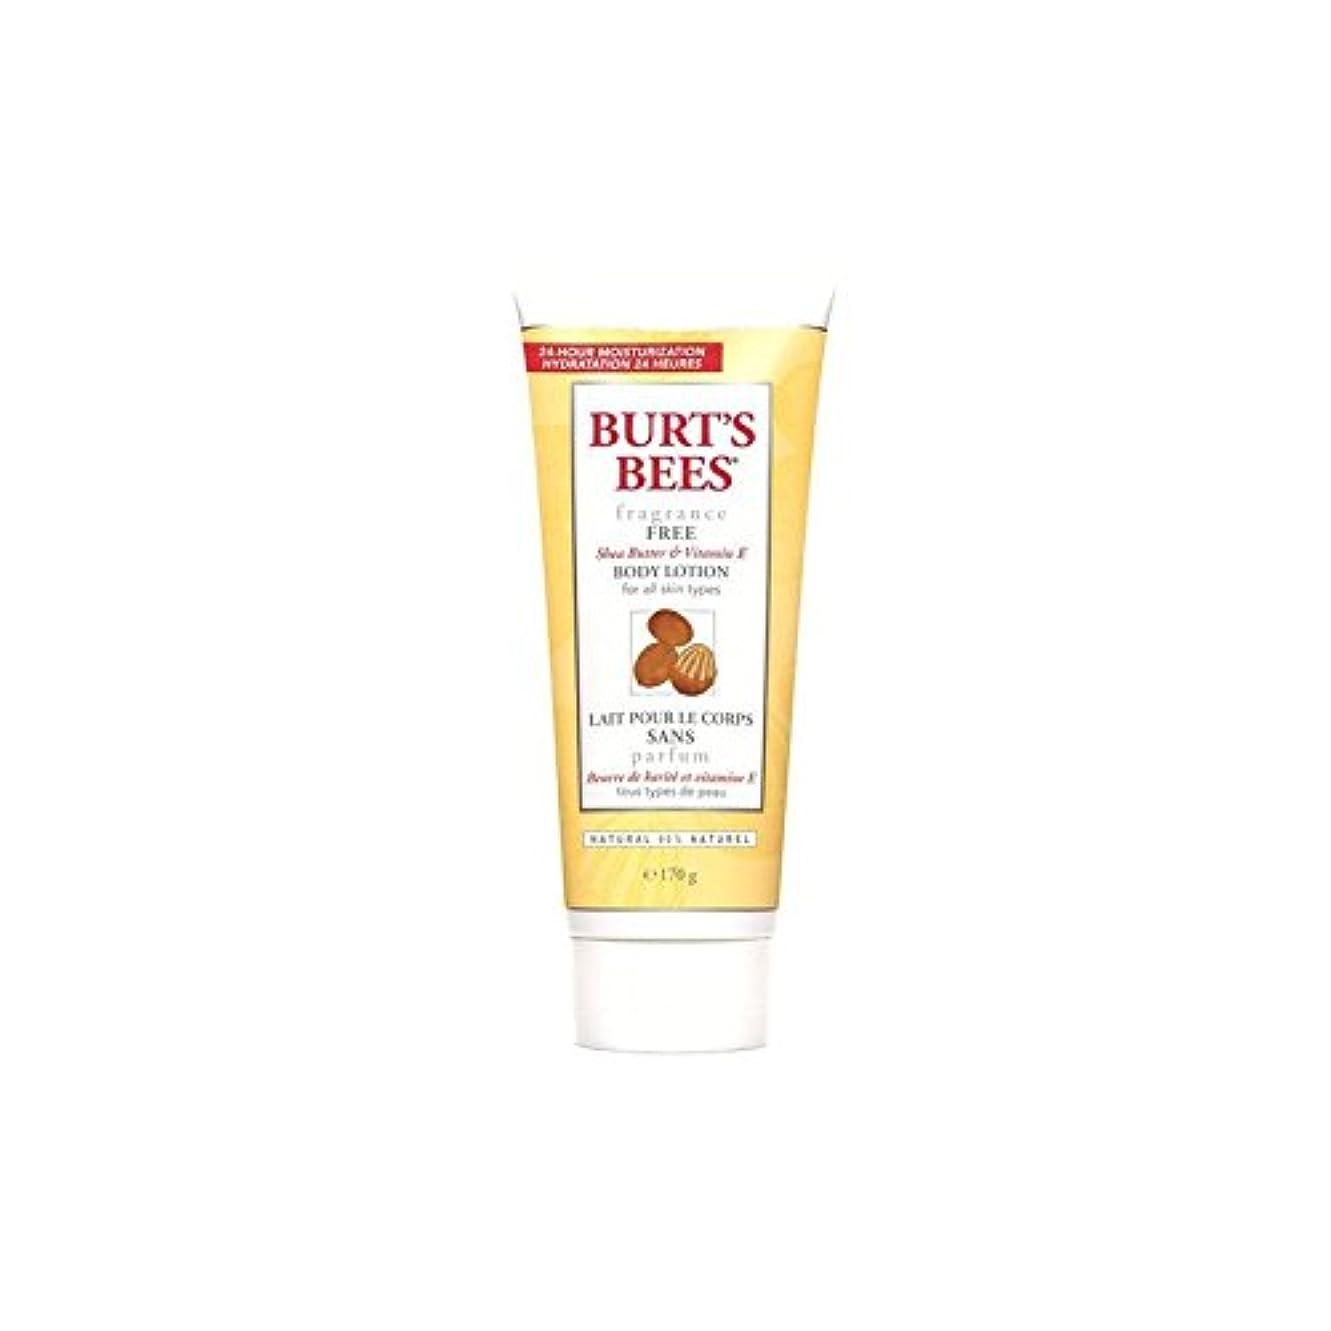 チップ敬なお別れバーツビーボディローション - 無香料6オンス x4 - Burt's Bees Body Lotion - Fragrance Free 6fl oz (Pack of 4) [並行輸入品]